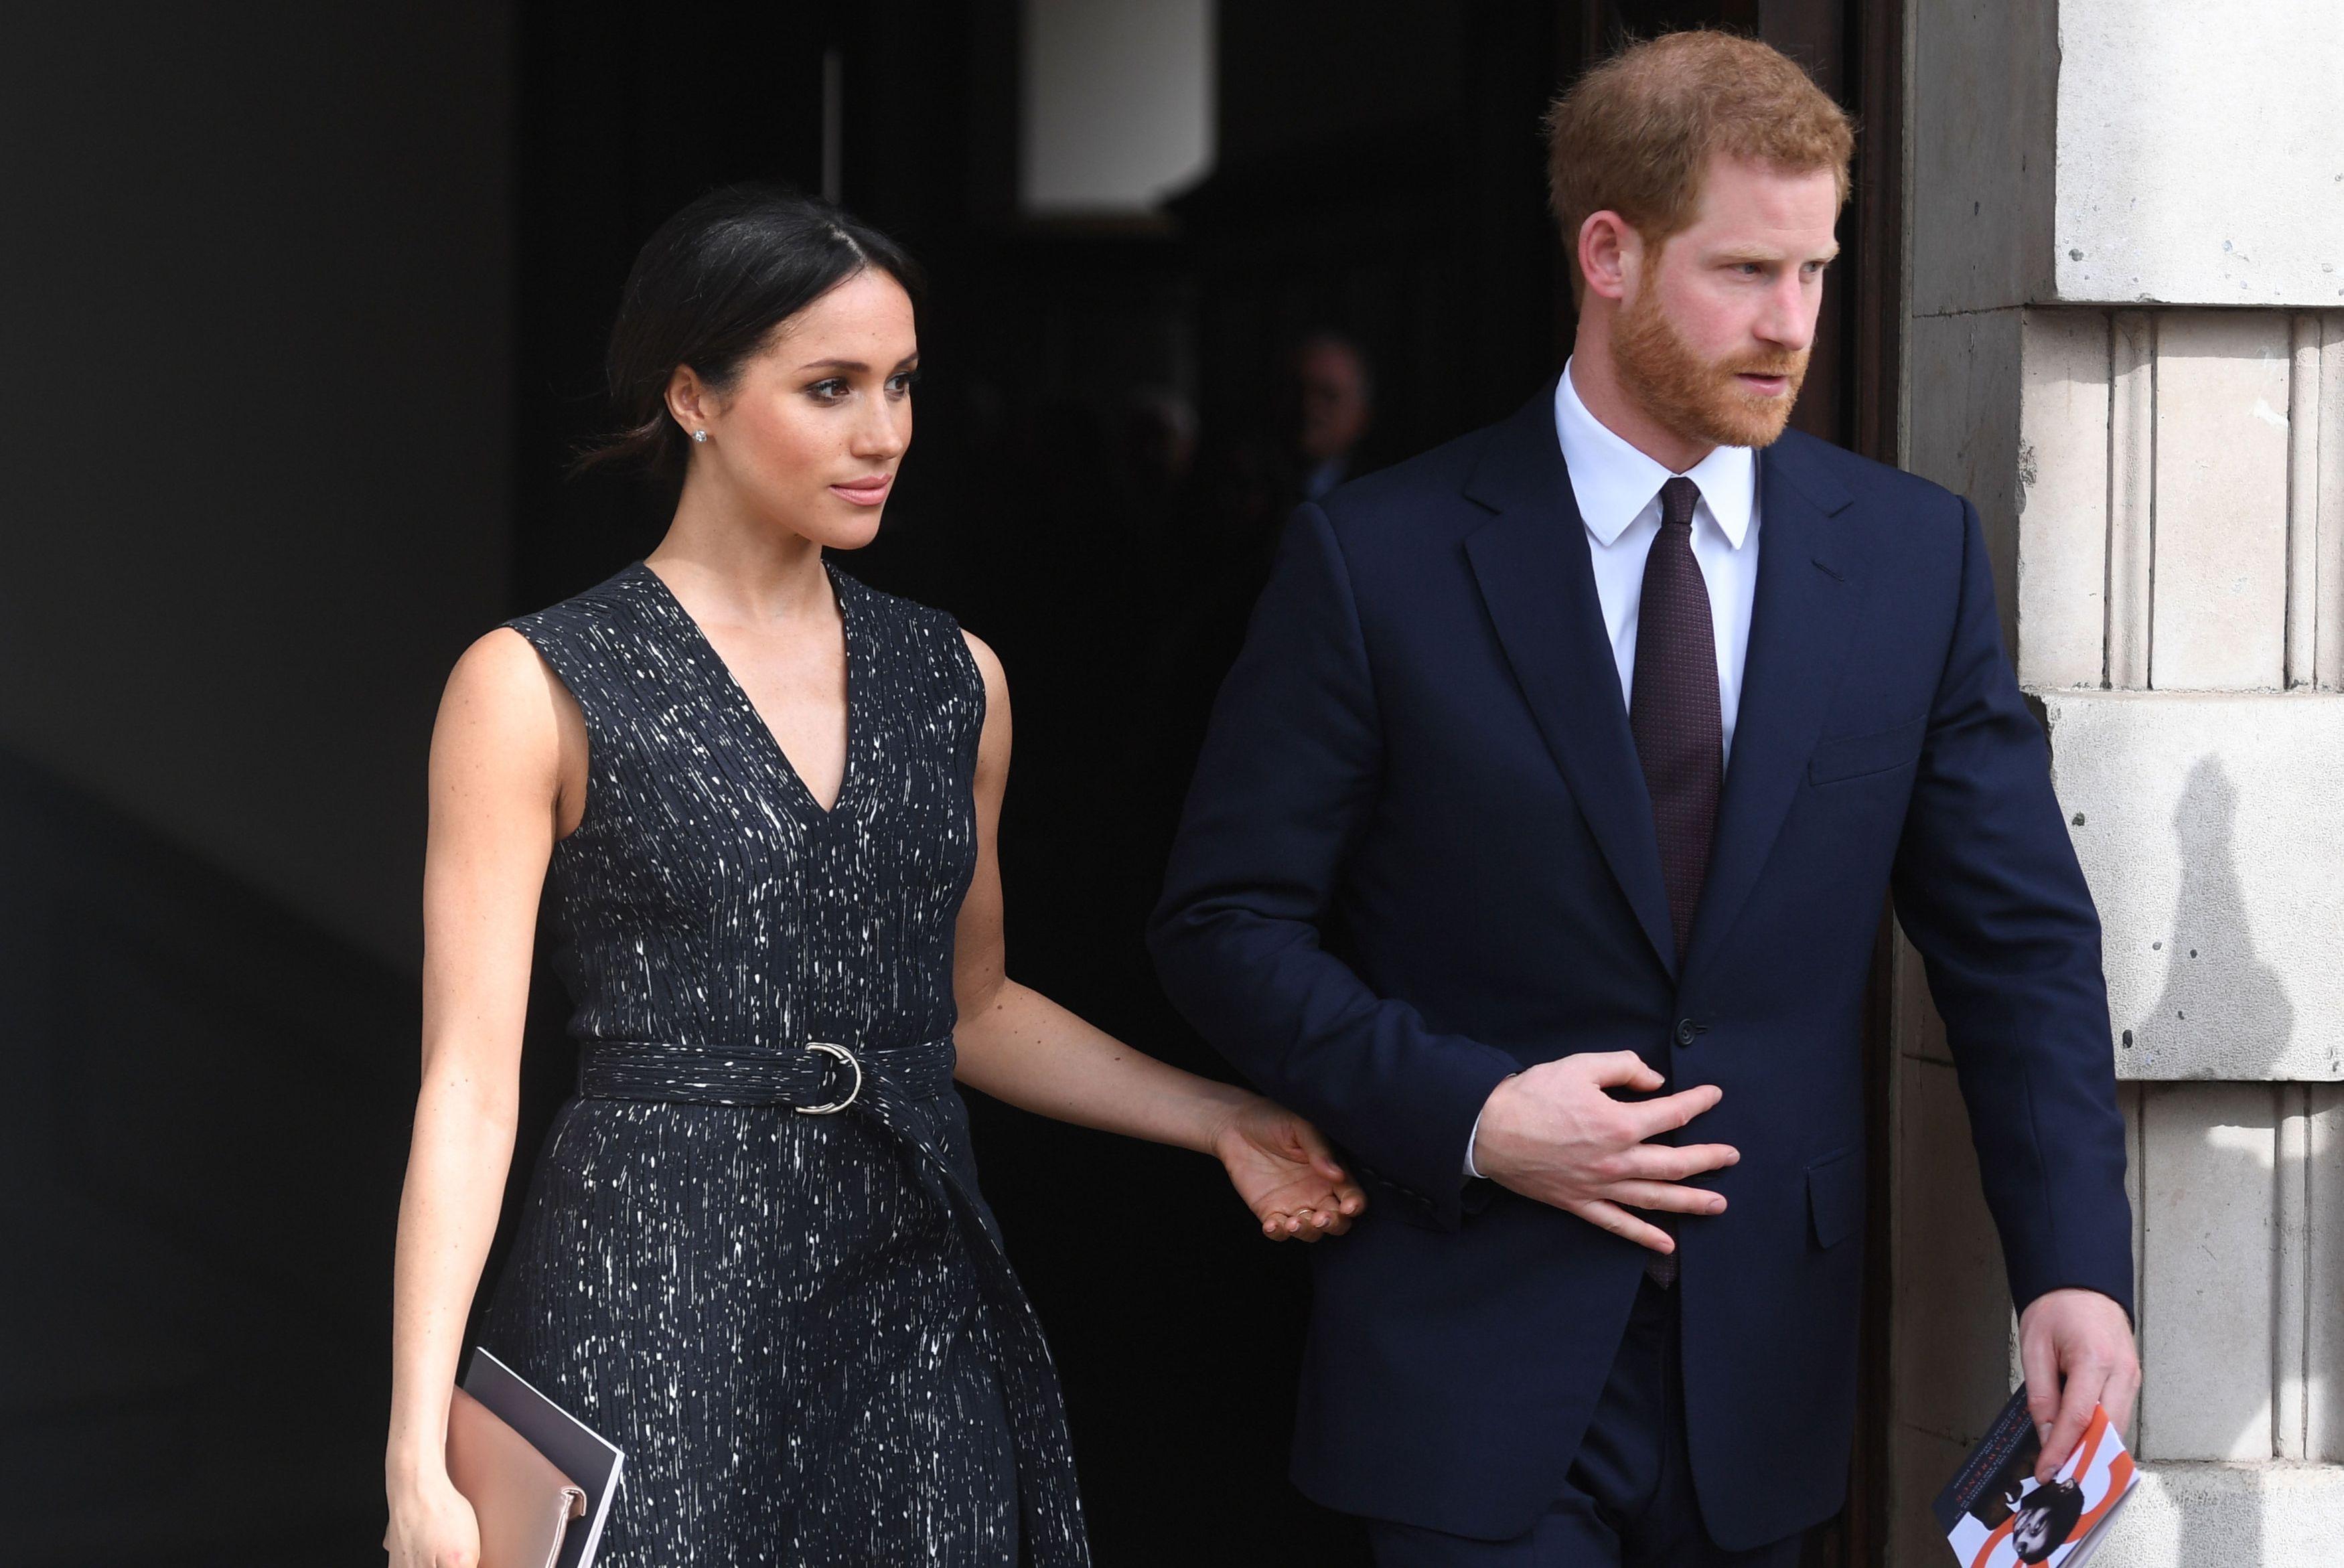 梅根馬克爾,爸爸,假照,哈利王子,婚禮,英國皇室,皇室婚禮